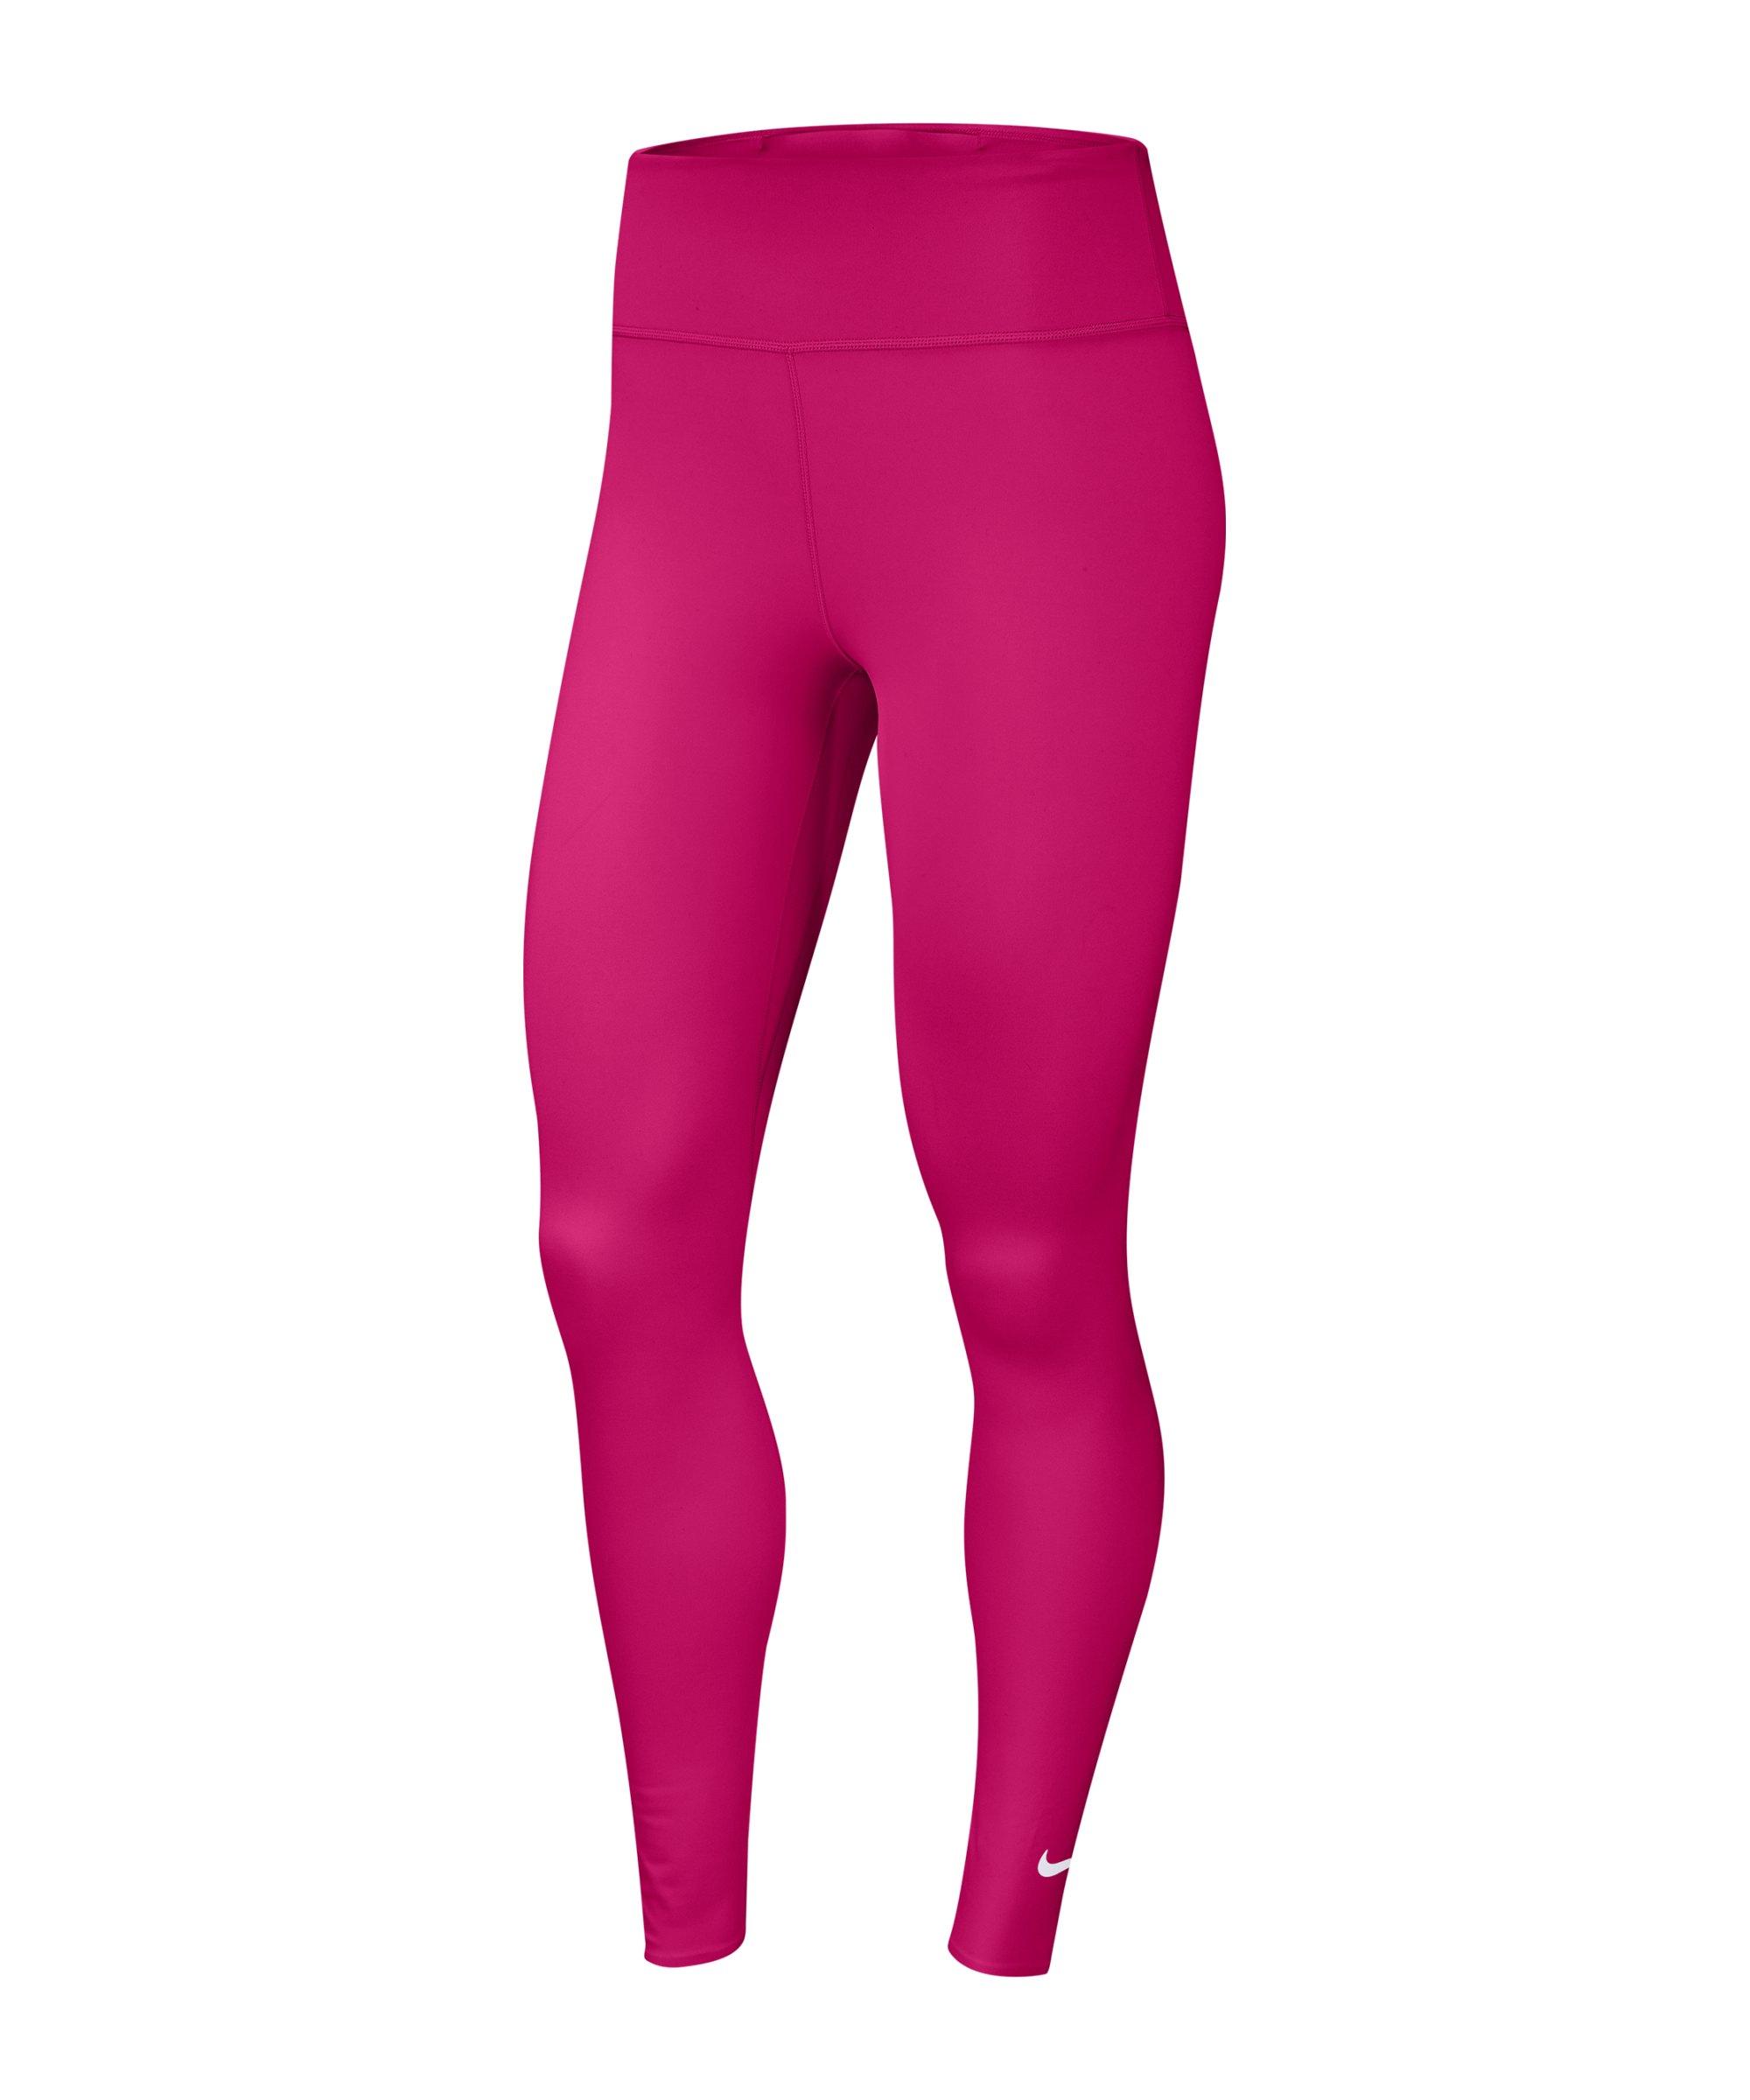 Nike One Luxe Leggings Running Damen Pink F616 - pink